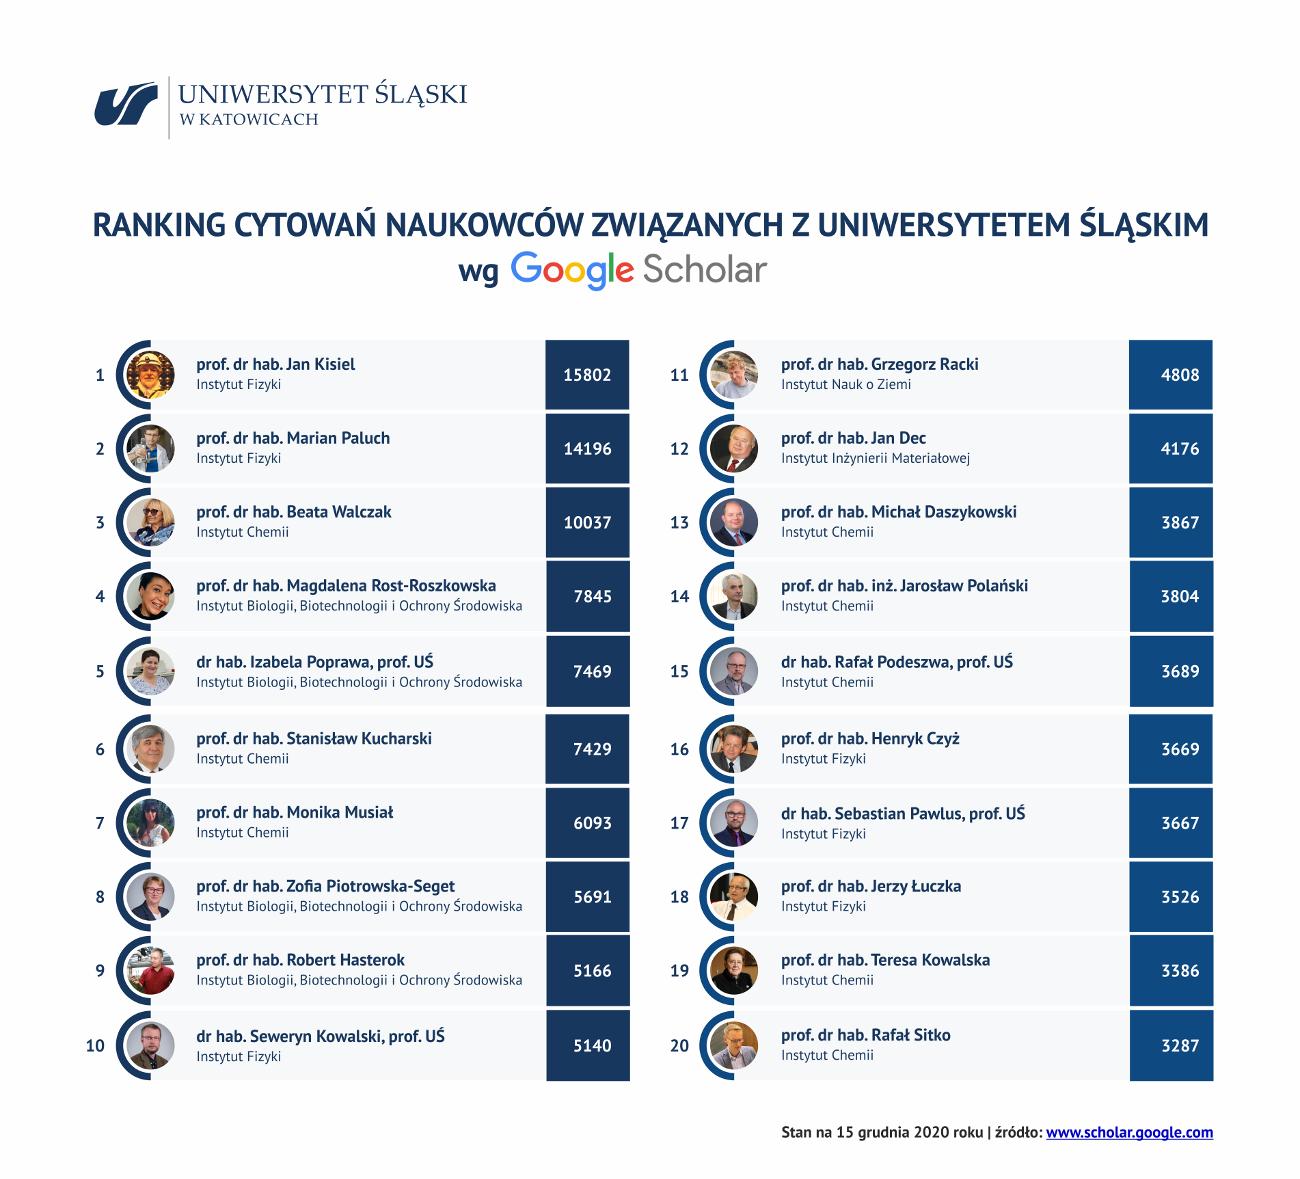 Grafika prezentująca ranking cytowań naukowców związanych z Uniwersytetem Śląskim wg Google Scholar (do pobrania poniżej w formacie PDF